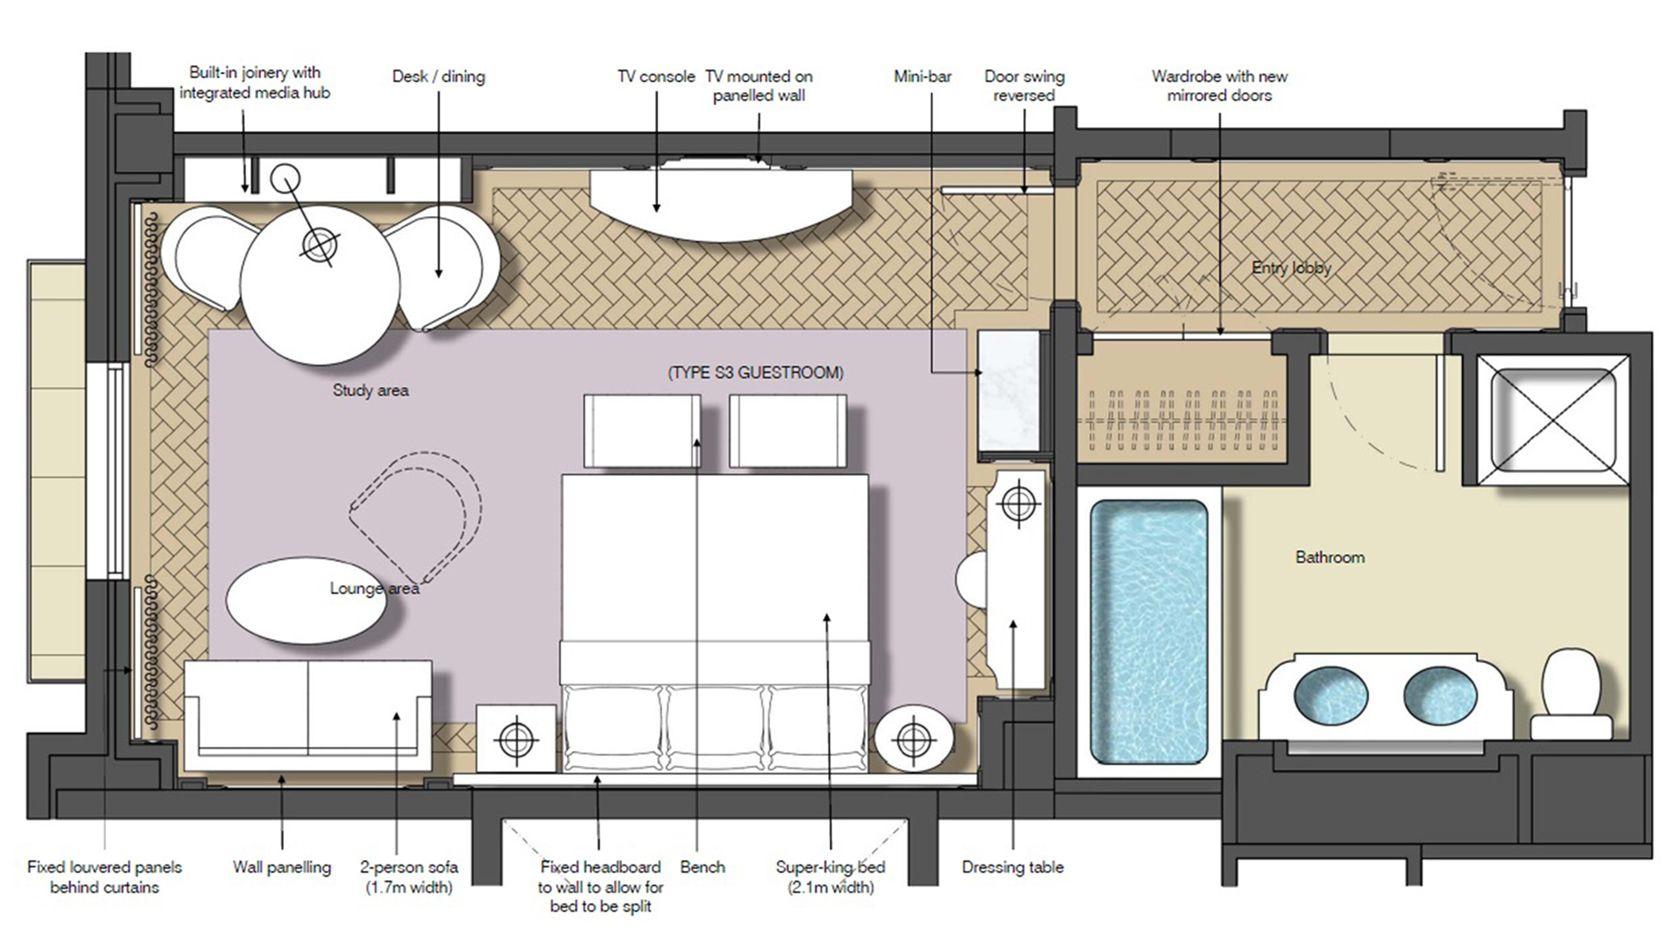 guestrooms with sofa beds floor plan Sydney Luxury